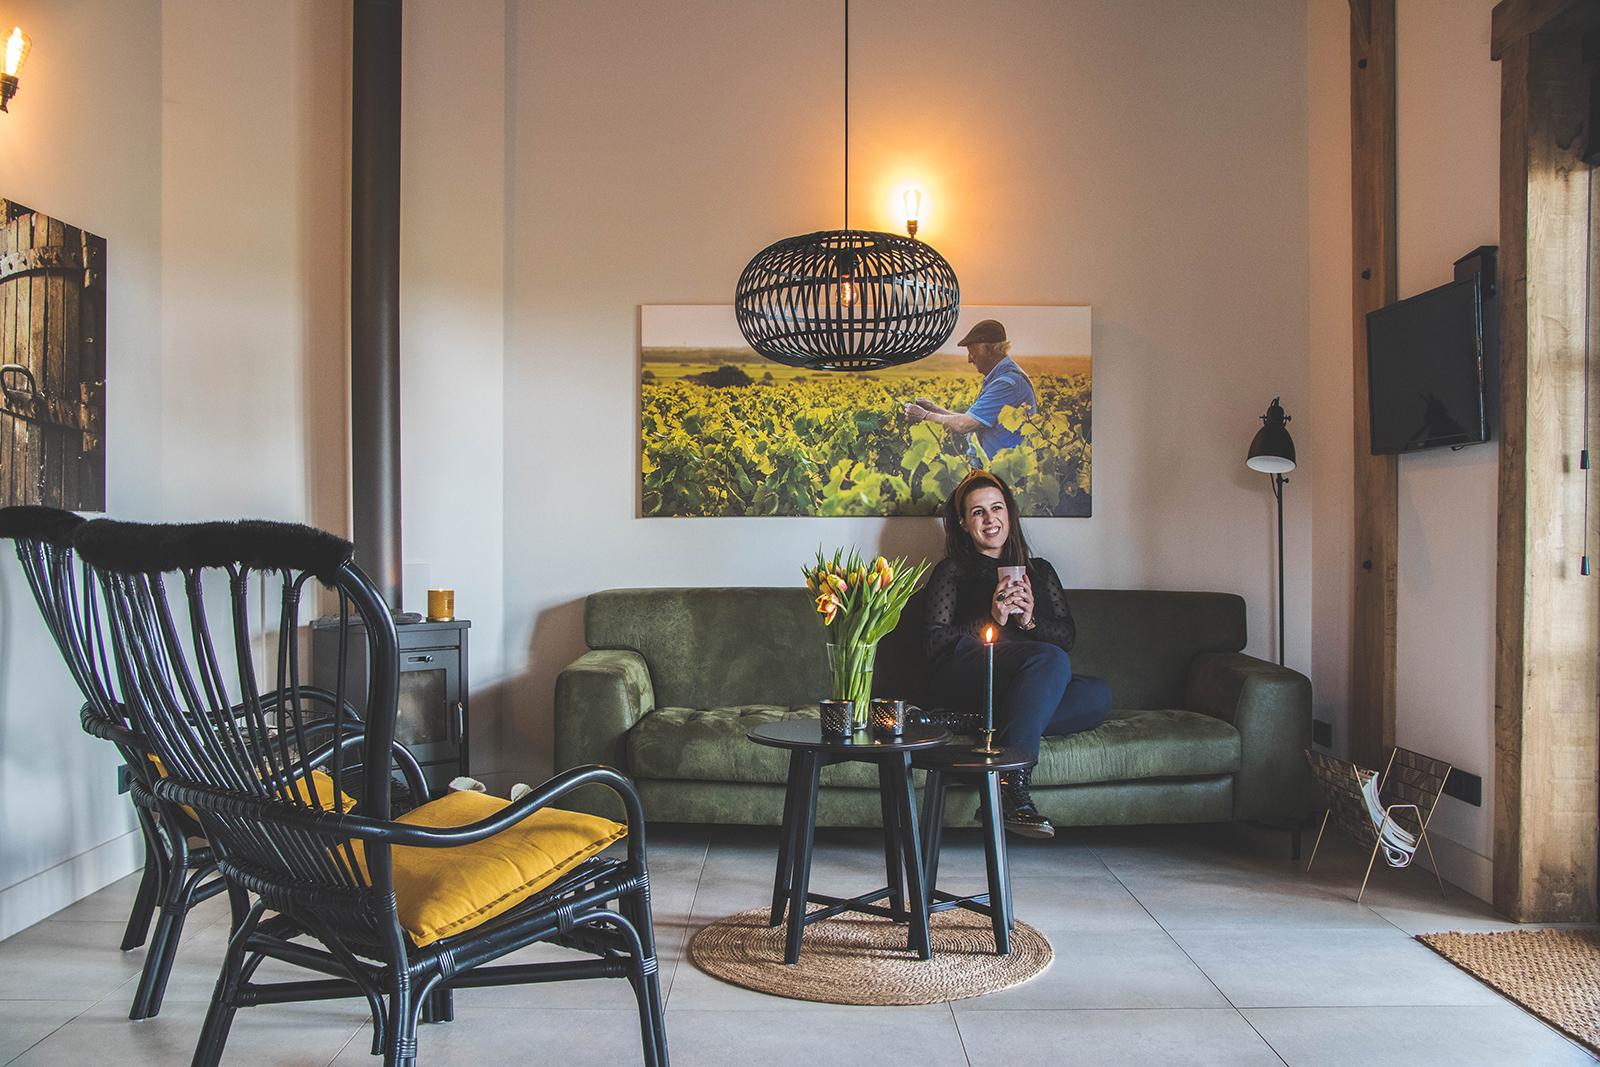 Overnachten in Wijnboerderij Welgelegen: onthaasten op de Veluwe en slapen in een wijnvat